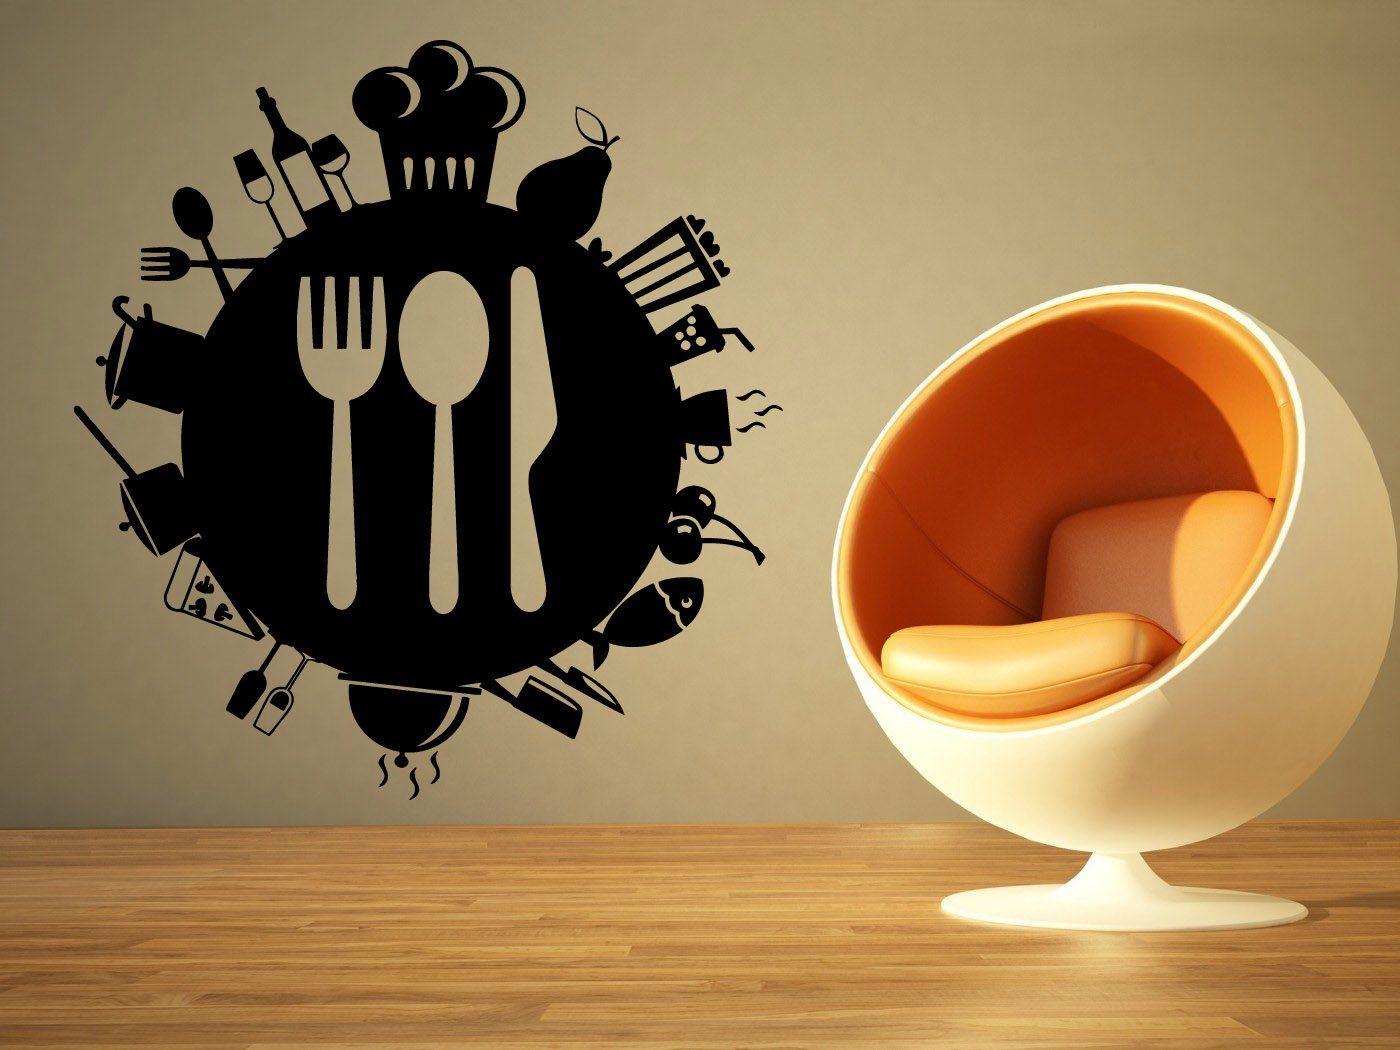 Wall Room Decor Art Vinyl Sticker Mural Restaurant Food Sign Logo ...